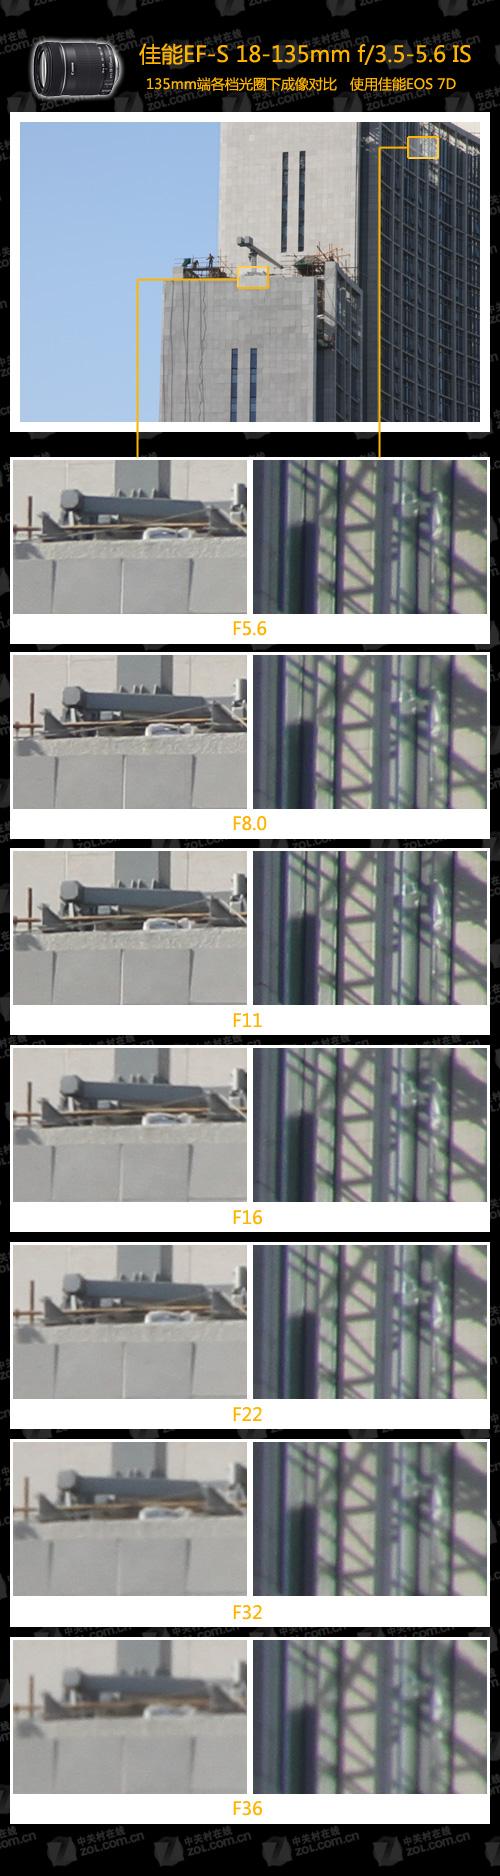 转:18-135镜头的性能特点!!!有这个头的可以看一下